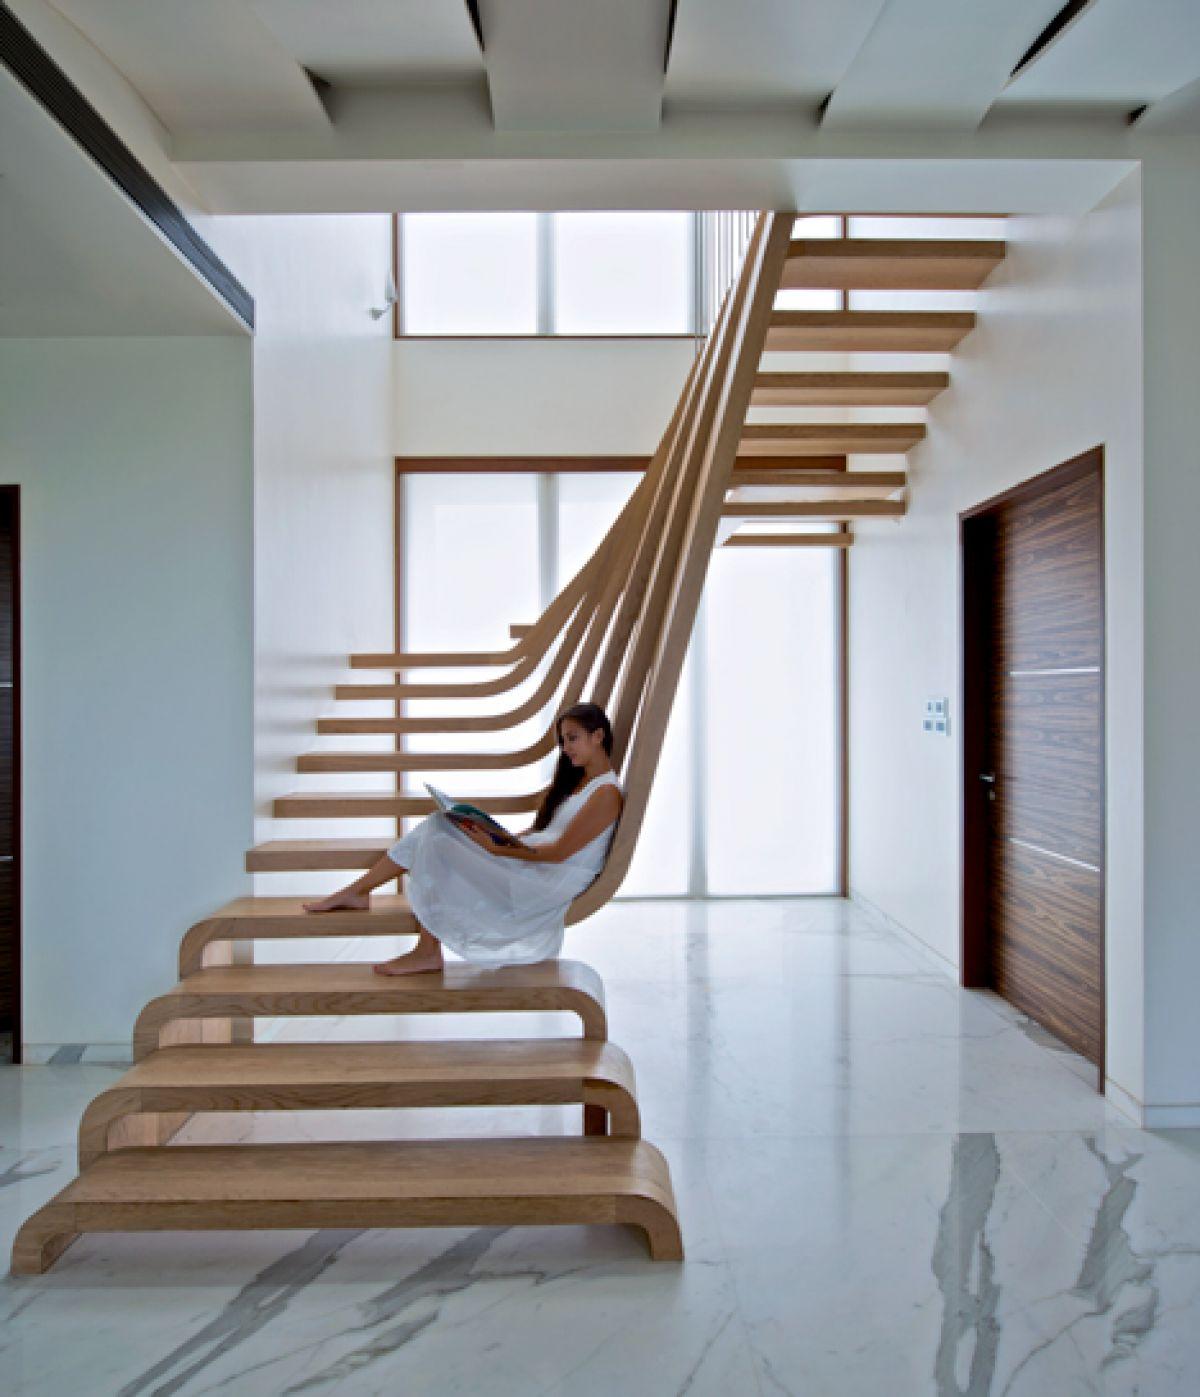 escaleras con respaldo - Fotos De Escaleras